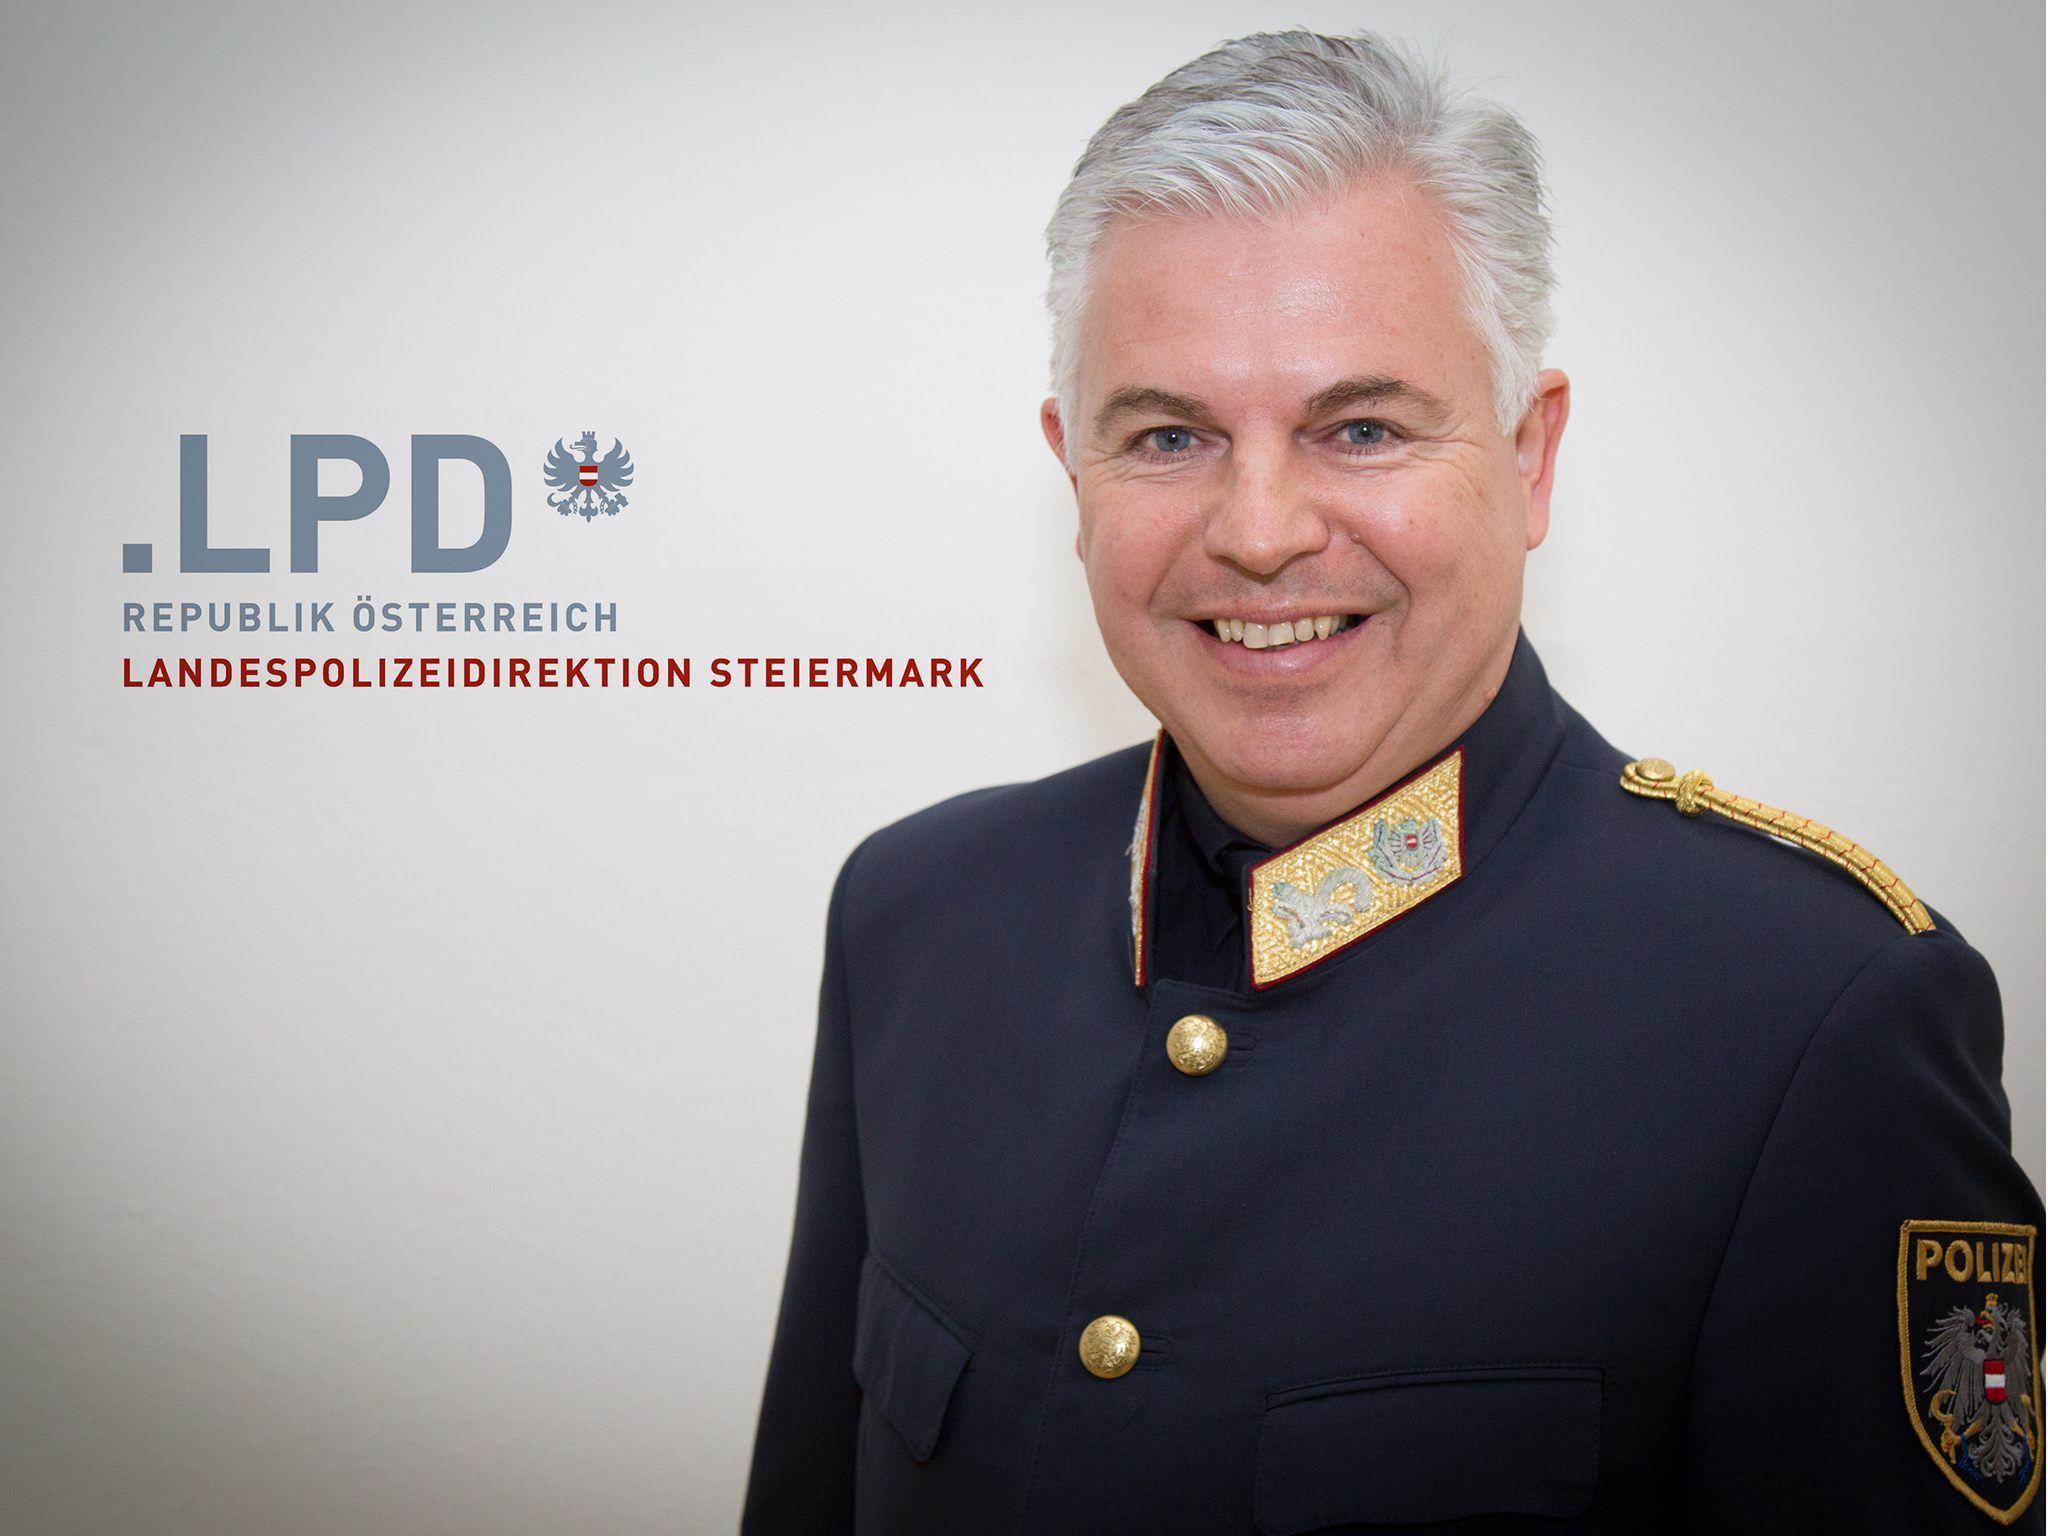 Alexander Gaisch